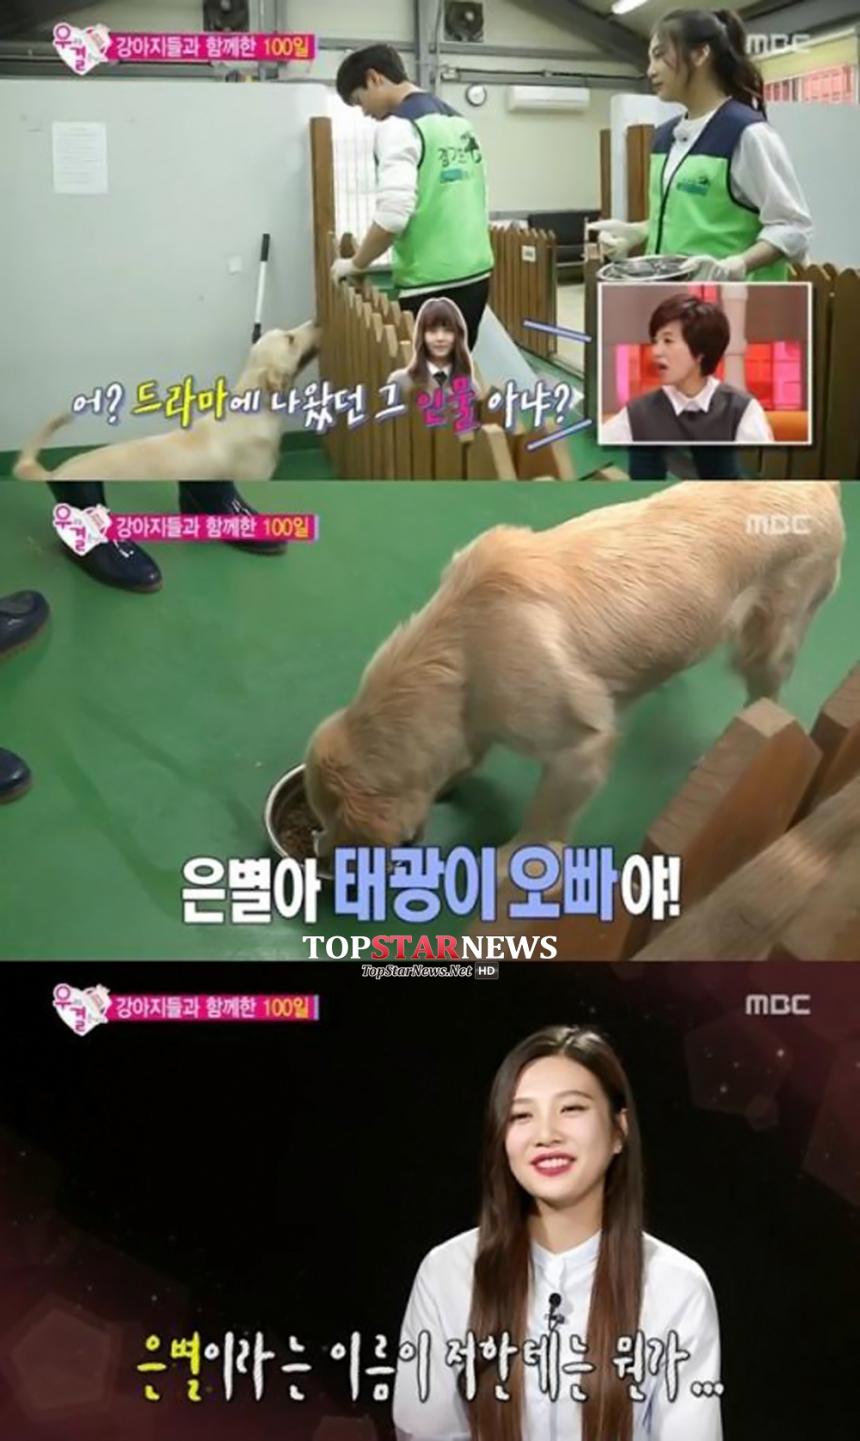 '우리 결혼했어요' 레드벨벳 조이-비투비 육성재 / MBC '우리 결혼했어요' 화면캡처